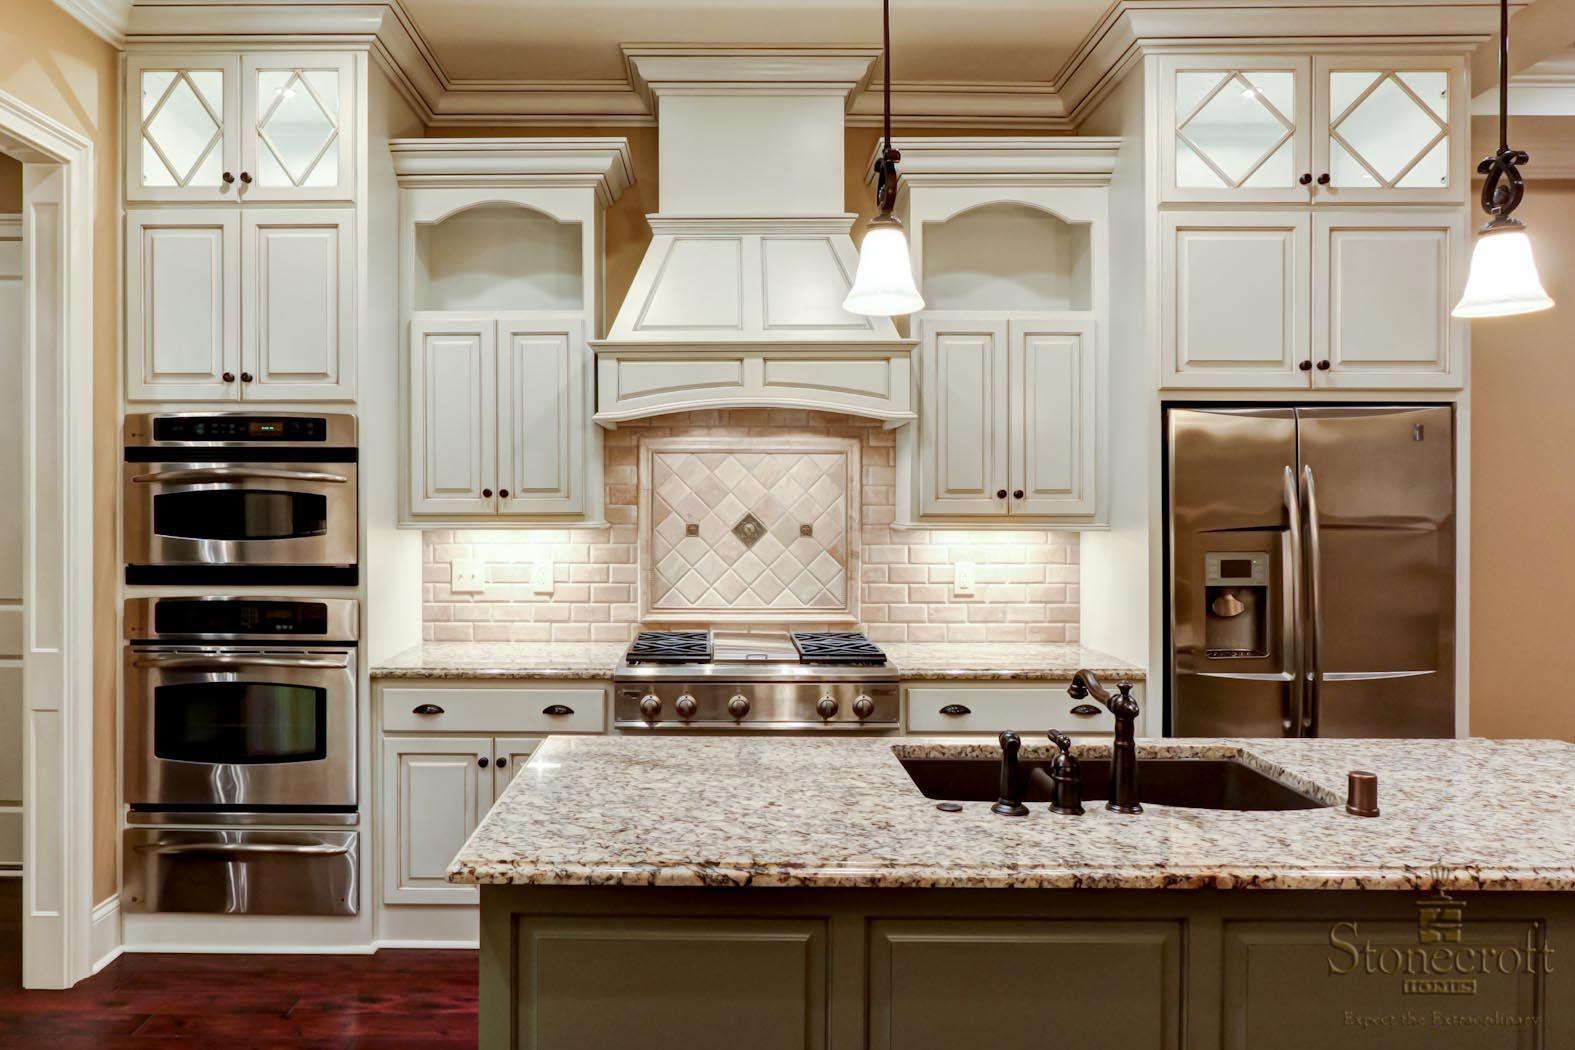 Stonecroft Homes Chinook Wynde Louisville Custom Builder Beautiful Kitchens Kitchen Redesign White Kitchen Traditional